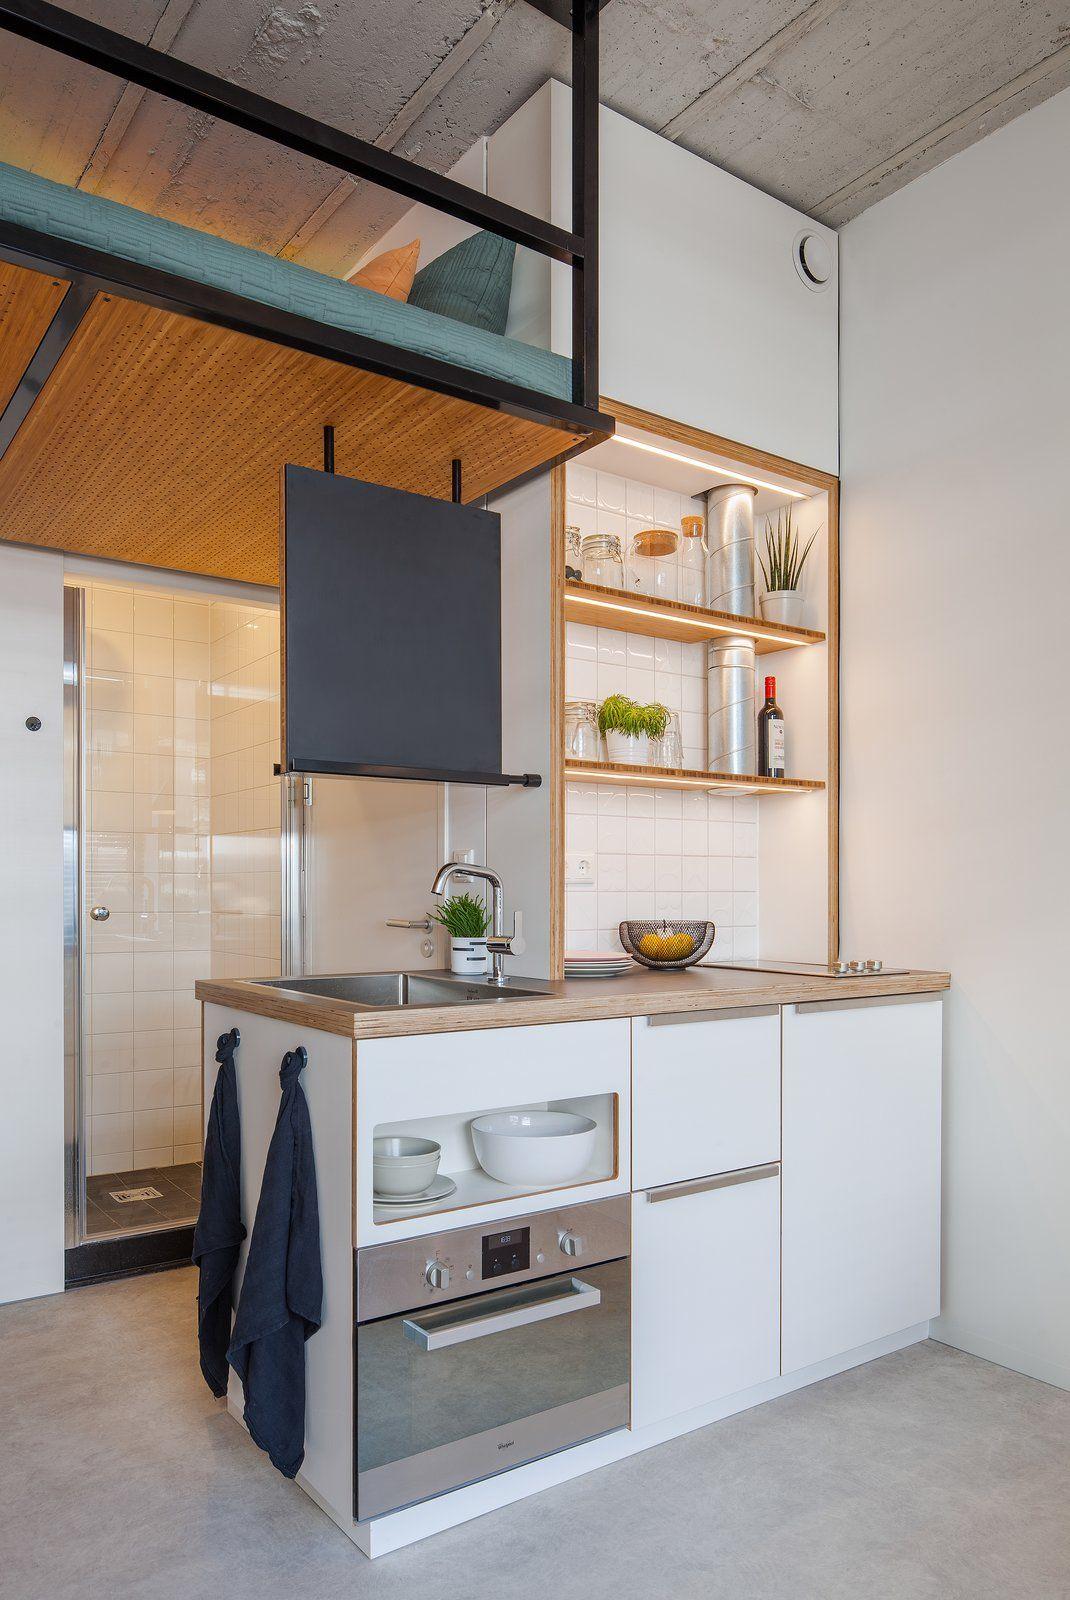 These Rotterdam Apartments Put The Average Student Dorm To Shame Tiny Kitchen Small Apartments Minimalist Kitchen Design